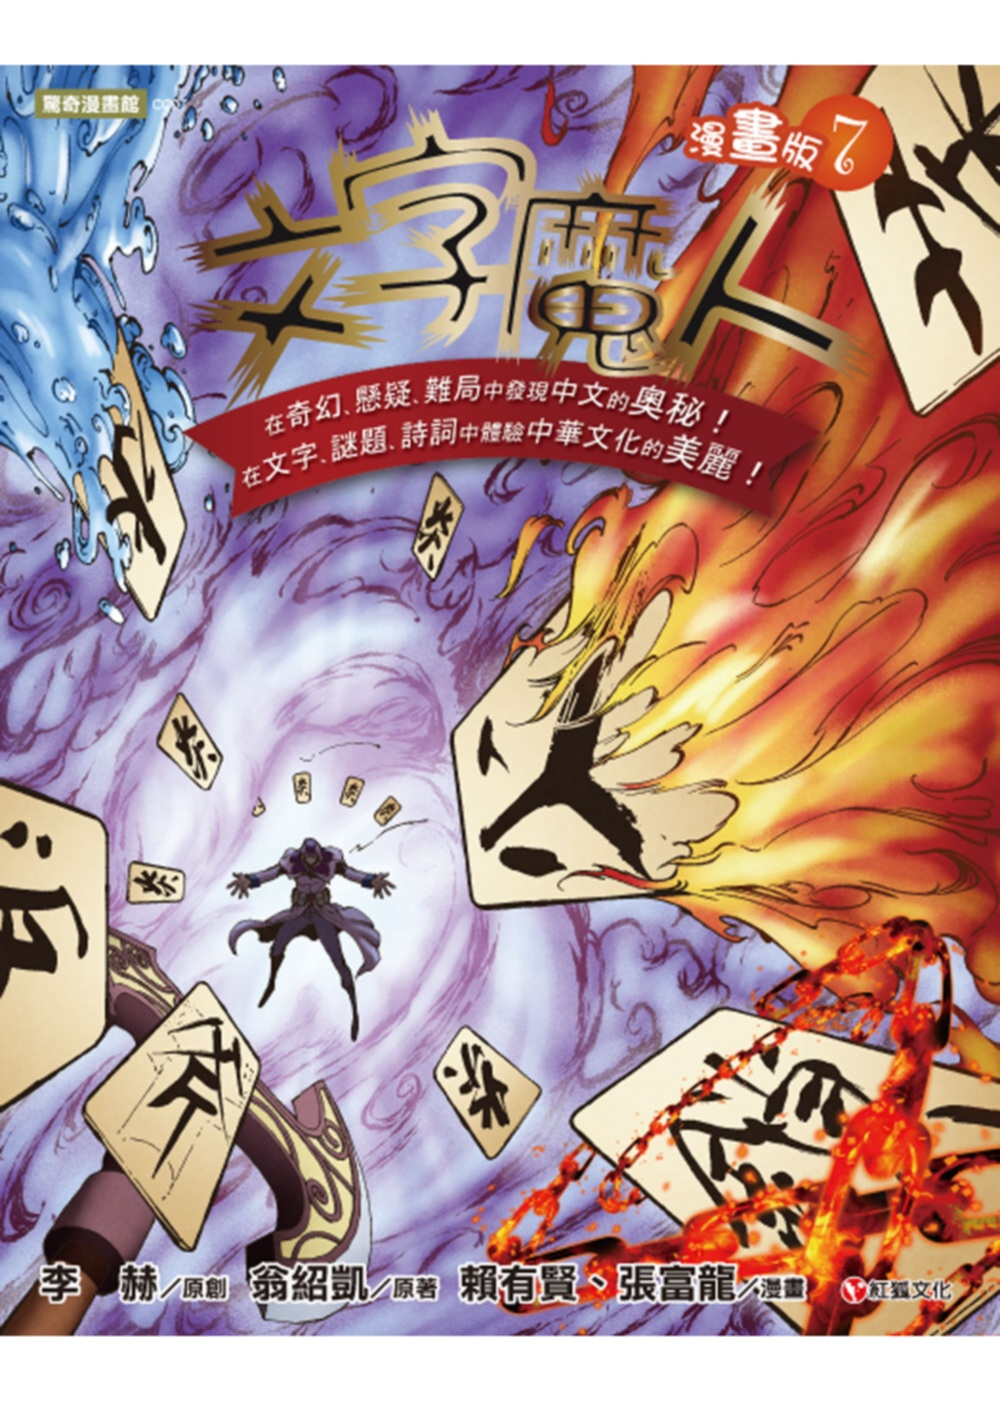 文字魔人漫畫版7